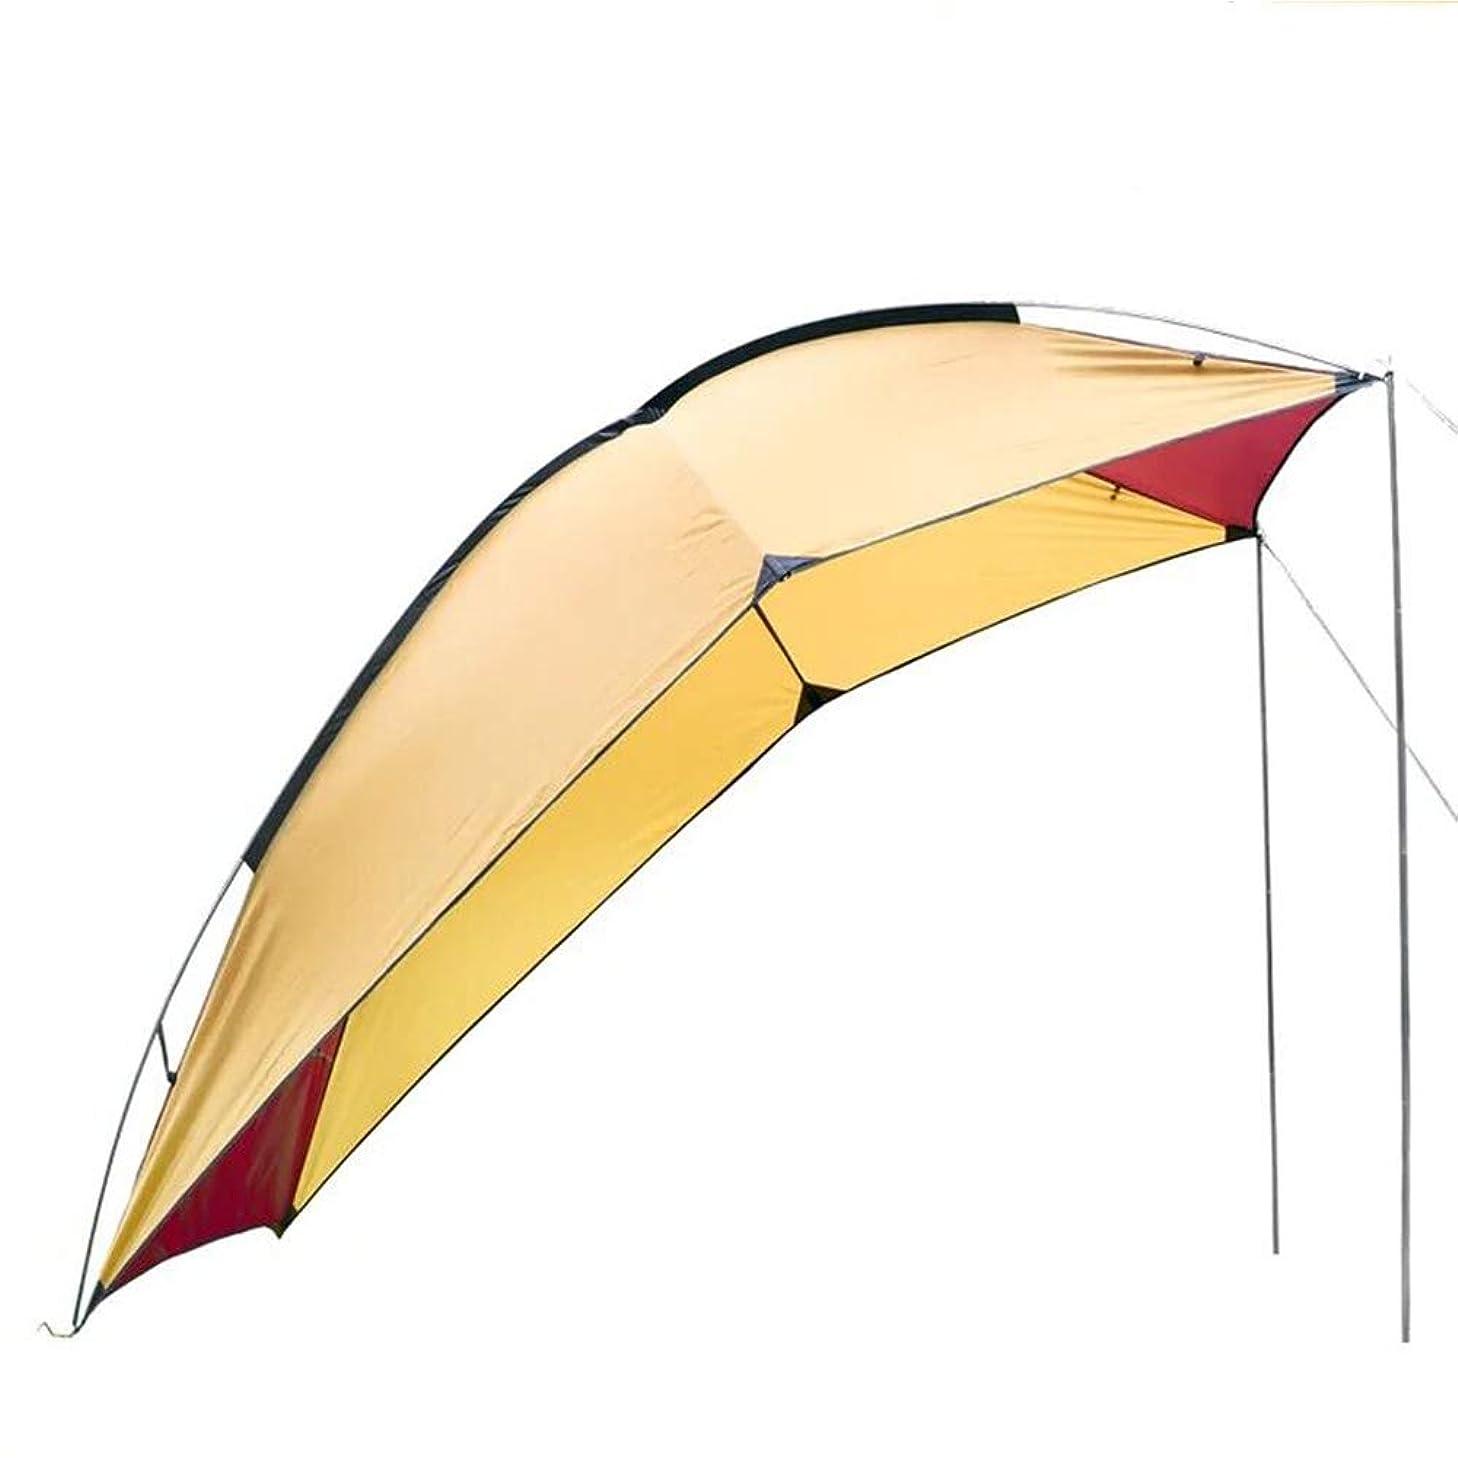 優勢配偶者平行Kadahis タープ テント カーサイドタープ 車用 日よけカーテント 設営簡単 単体使用可能 5-8人用 キャンプ テント アウトドア 公園 登山 車中泊